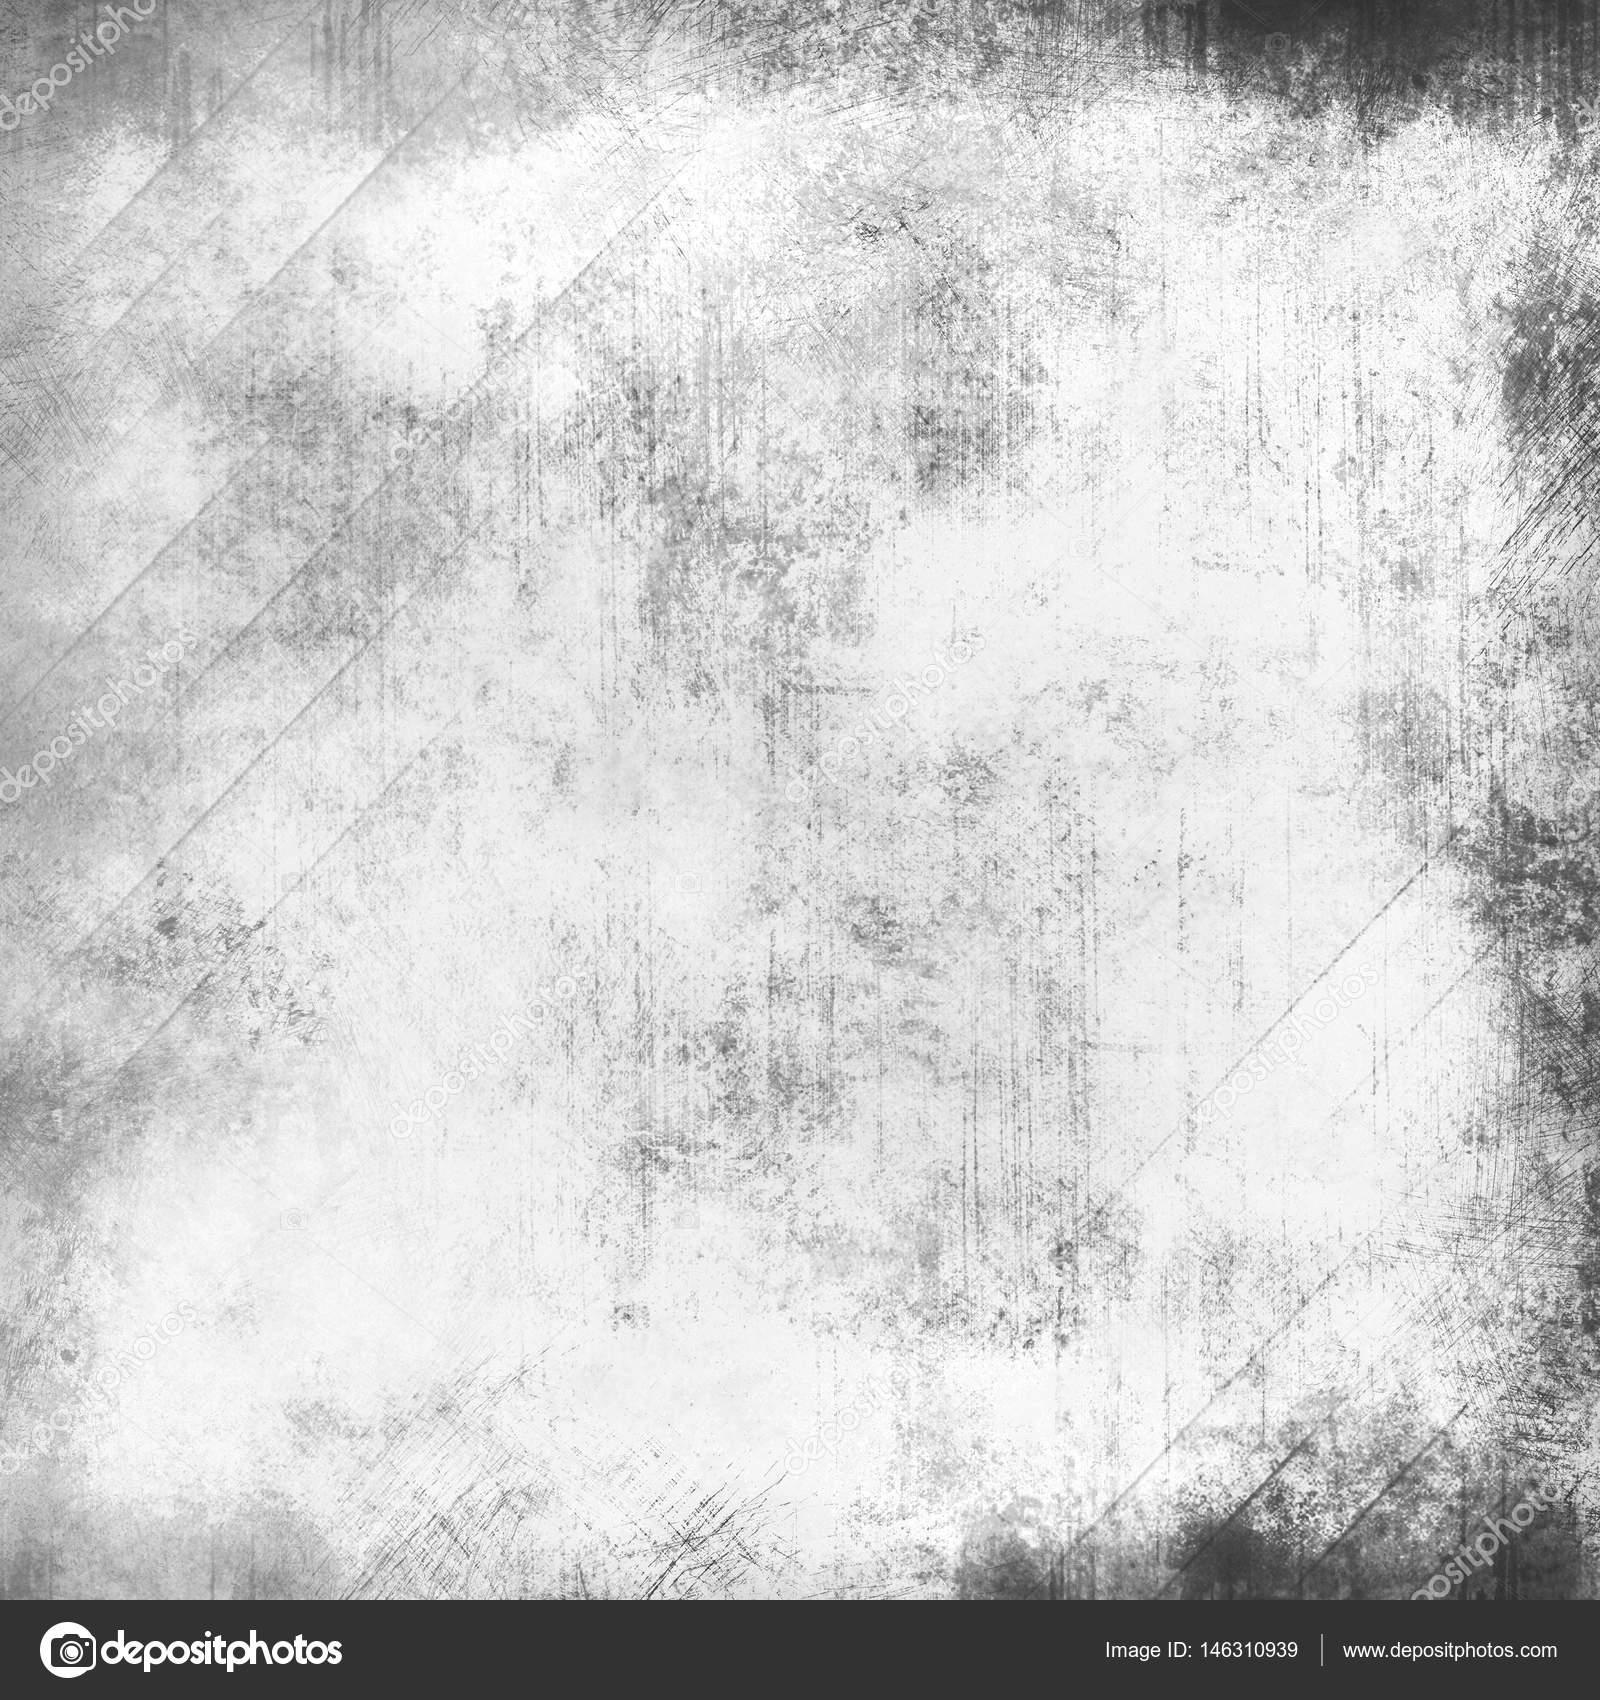 abstrait ancien arrière-plan gris vignette noir bordure cadre blanc